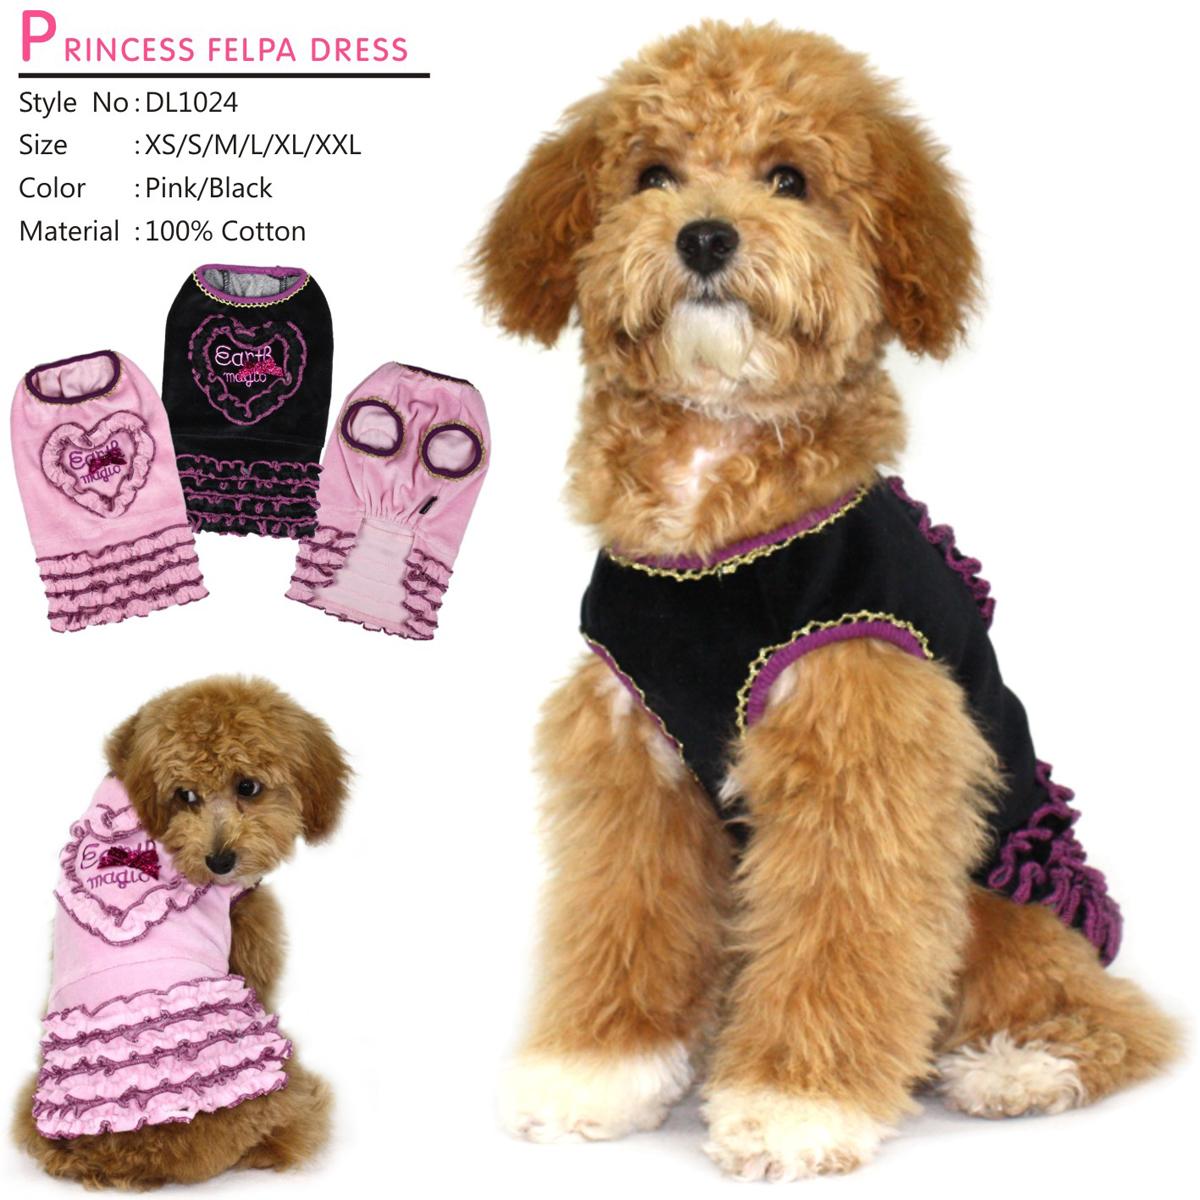 Платье для собак Dobaz, цвет: розовый. ДЛ1024АХХЛ. Размер XXLДЛ1024АХХЛКрасивое трикотажное платье Dobaz выполнено из 100% хлопка. Модель дополнена рюшами и бантиком на спинке. В таком платье ваша собачка будет самой красивой на прогулке. Обхват шеи: 40 см.Обхват груди: 60 см.Длина спинки: 41 см.Одежда для собак: нужна ли она и как её выбрать. Статья OZON Гид